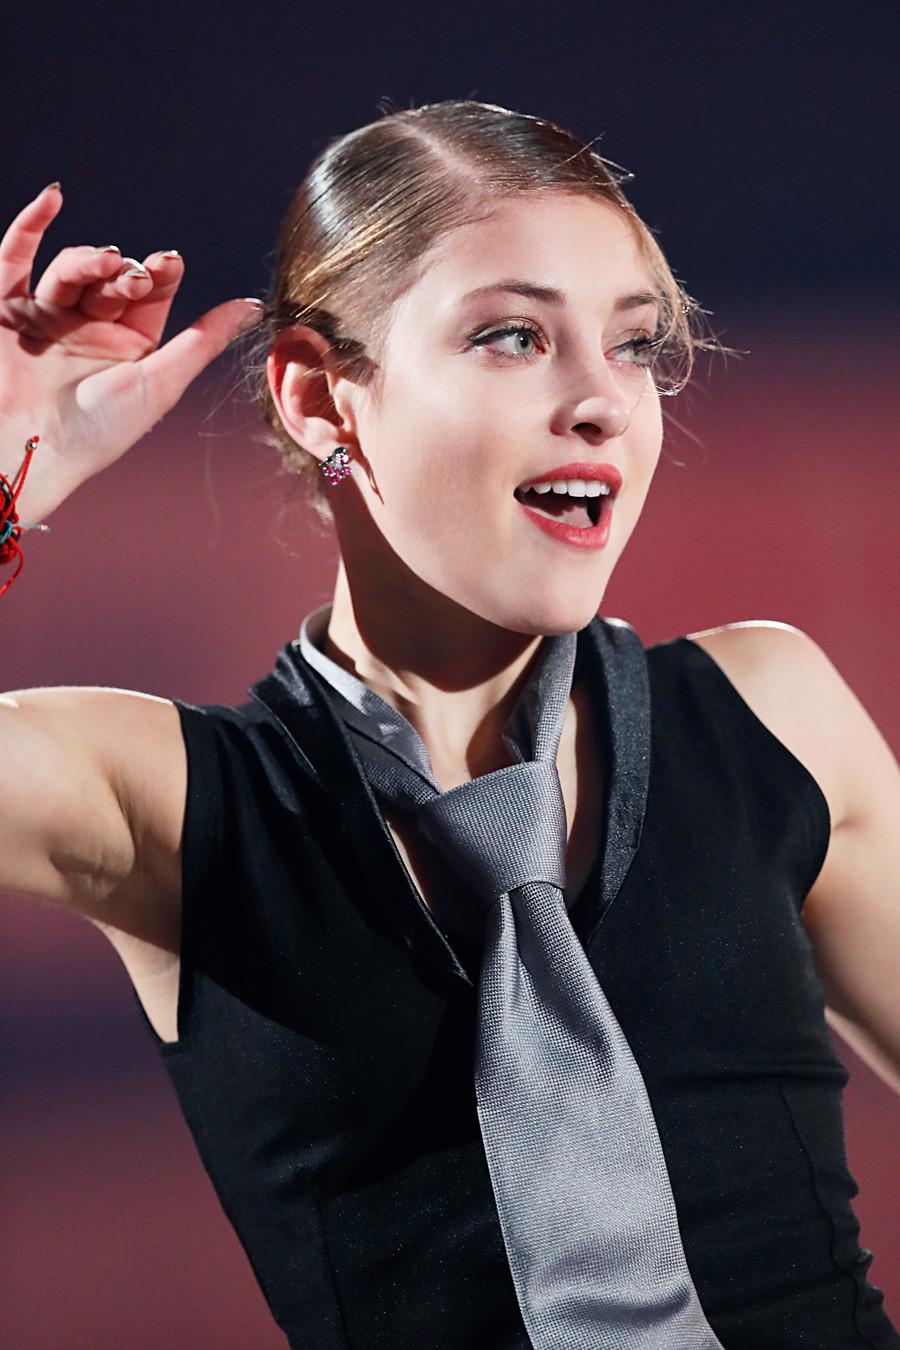 Alena Kostornaja na slavnostni razstavi na ISU Grand Prixu v kategoriji umetnostnega drsanja 2019, Pokal NHK, Japonska